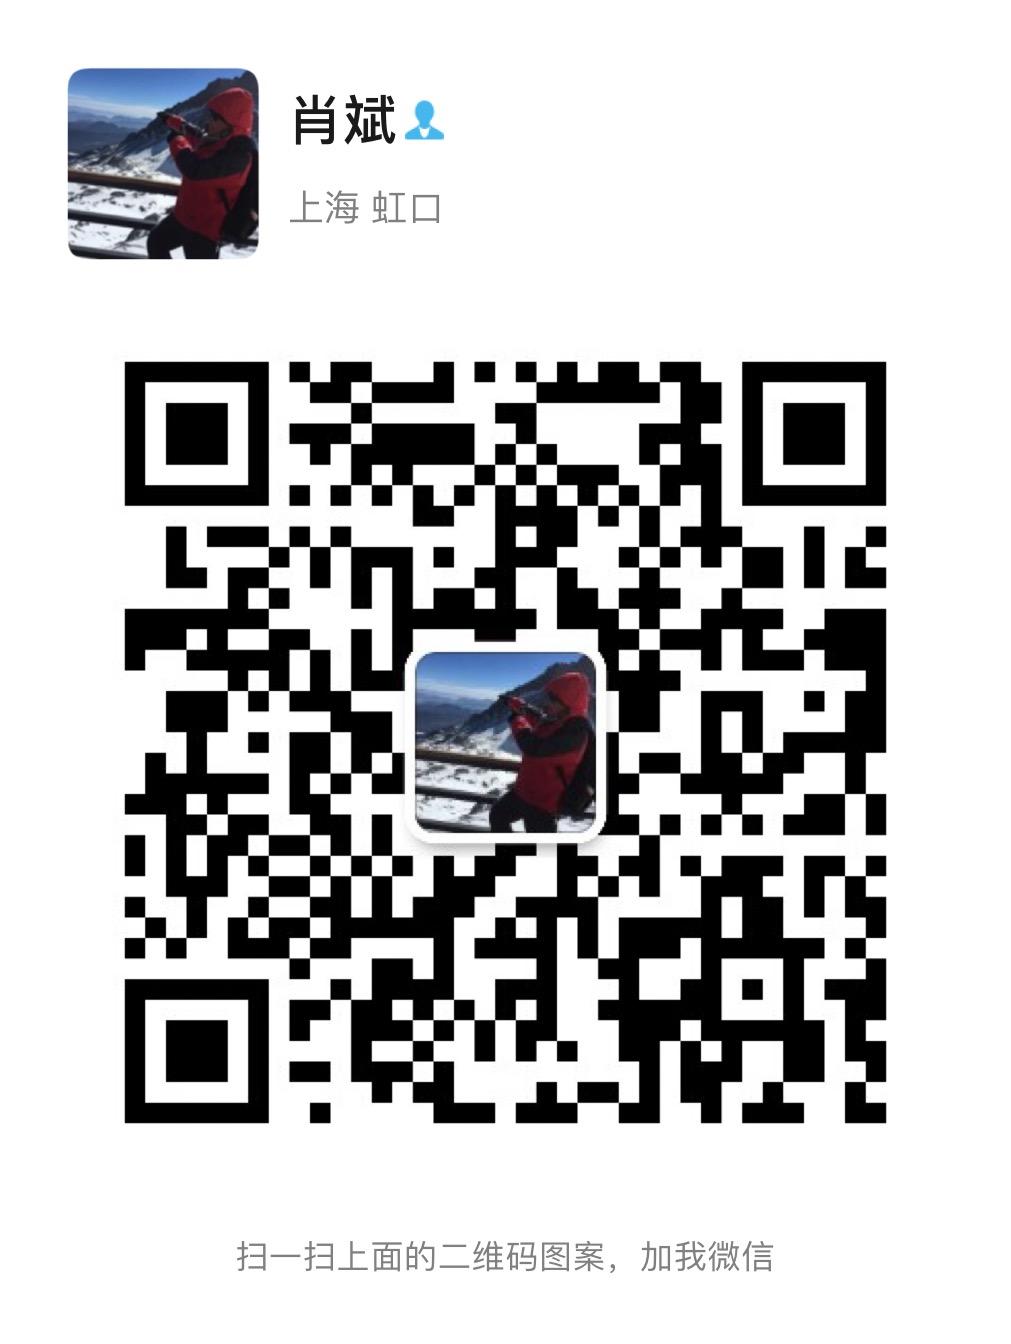 上海四科仪器设备有限公司